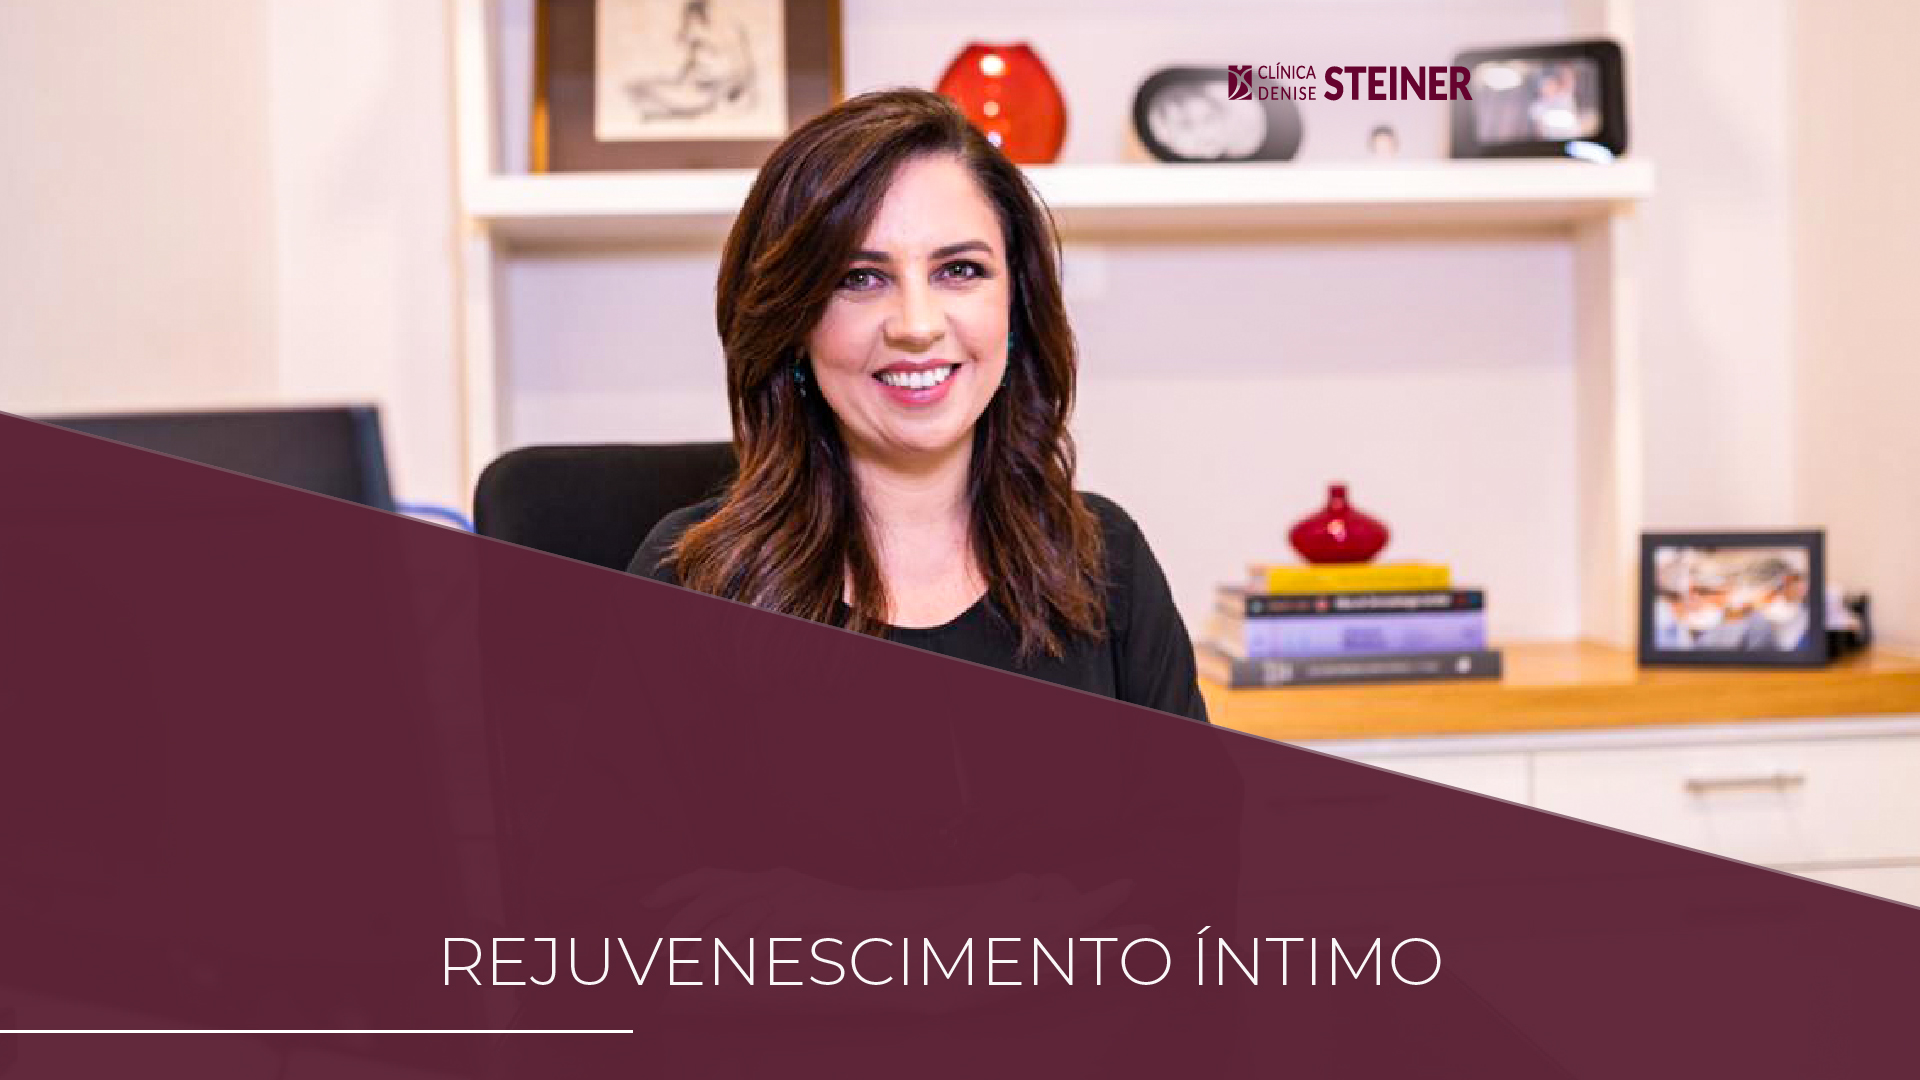 O rejuvenescimento íntimo é o tratamento a laser da região íntima da mulher, o que lhe confere mais qualidade de vida após a menopausa.